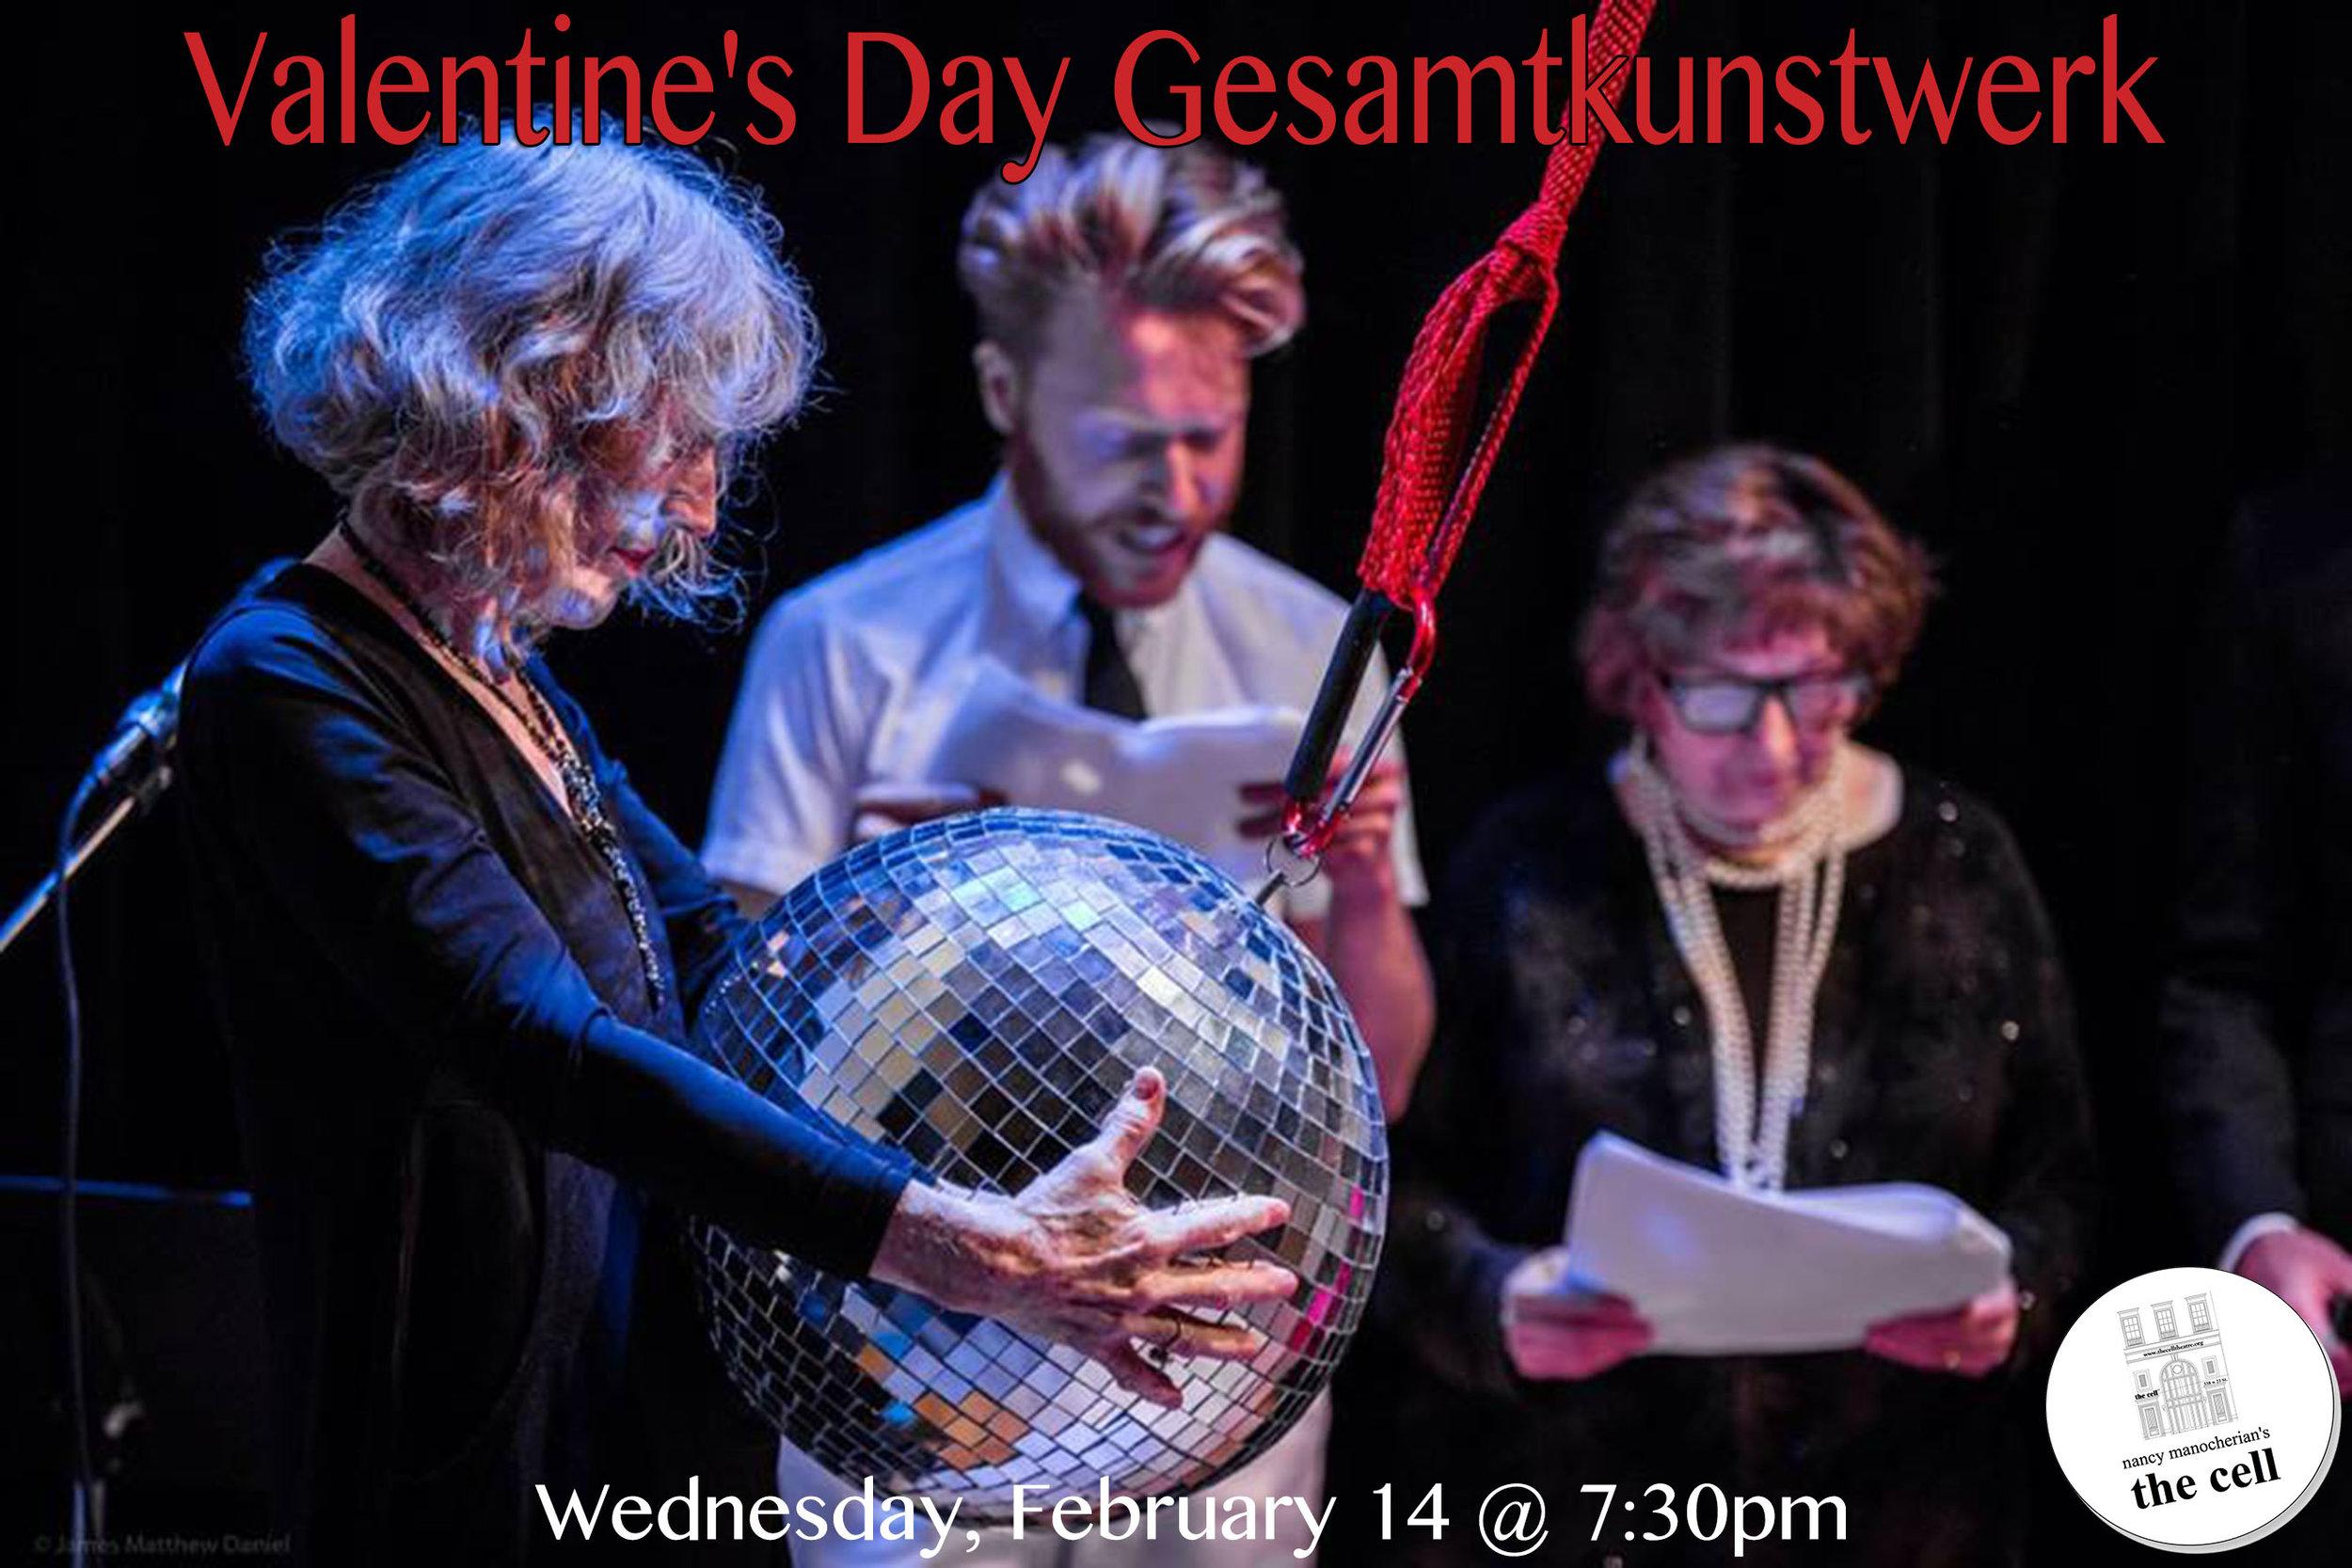 Valentine's Day Gesamtkunstwerk web.jpg